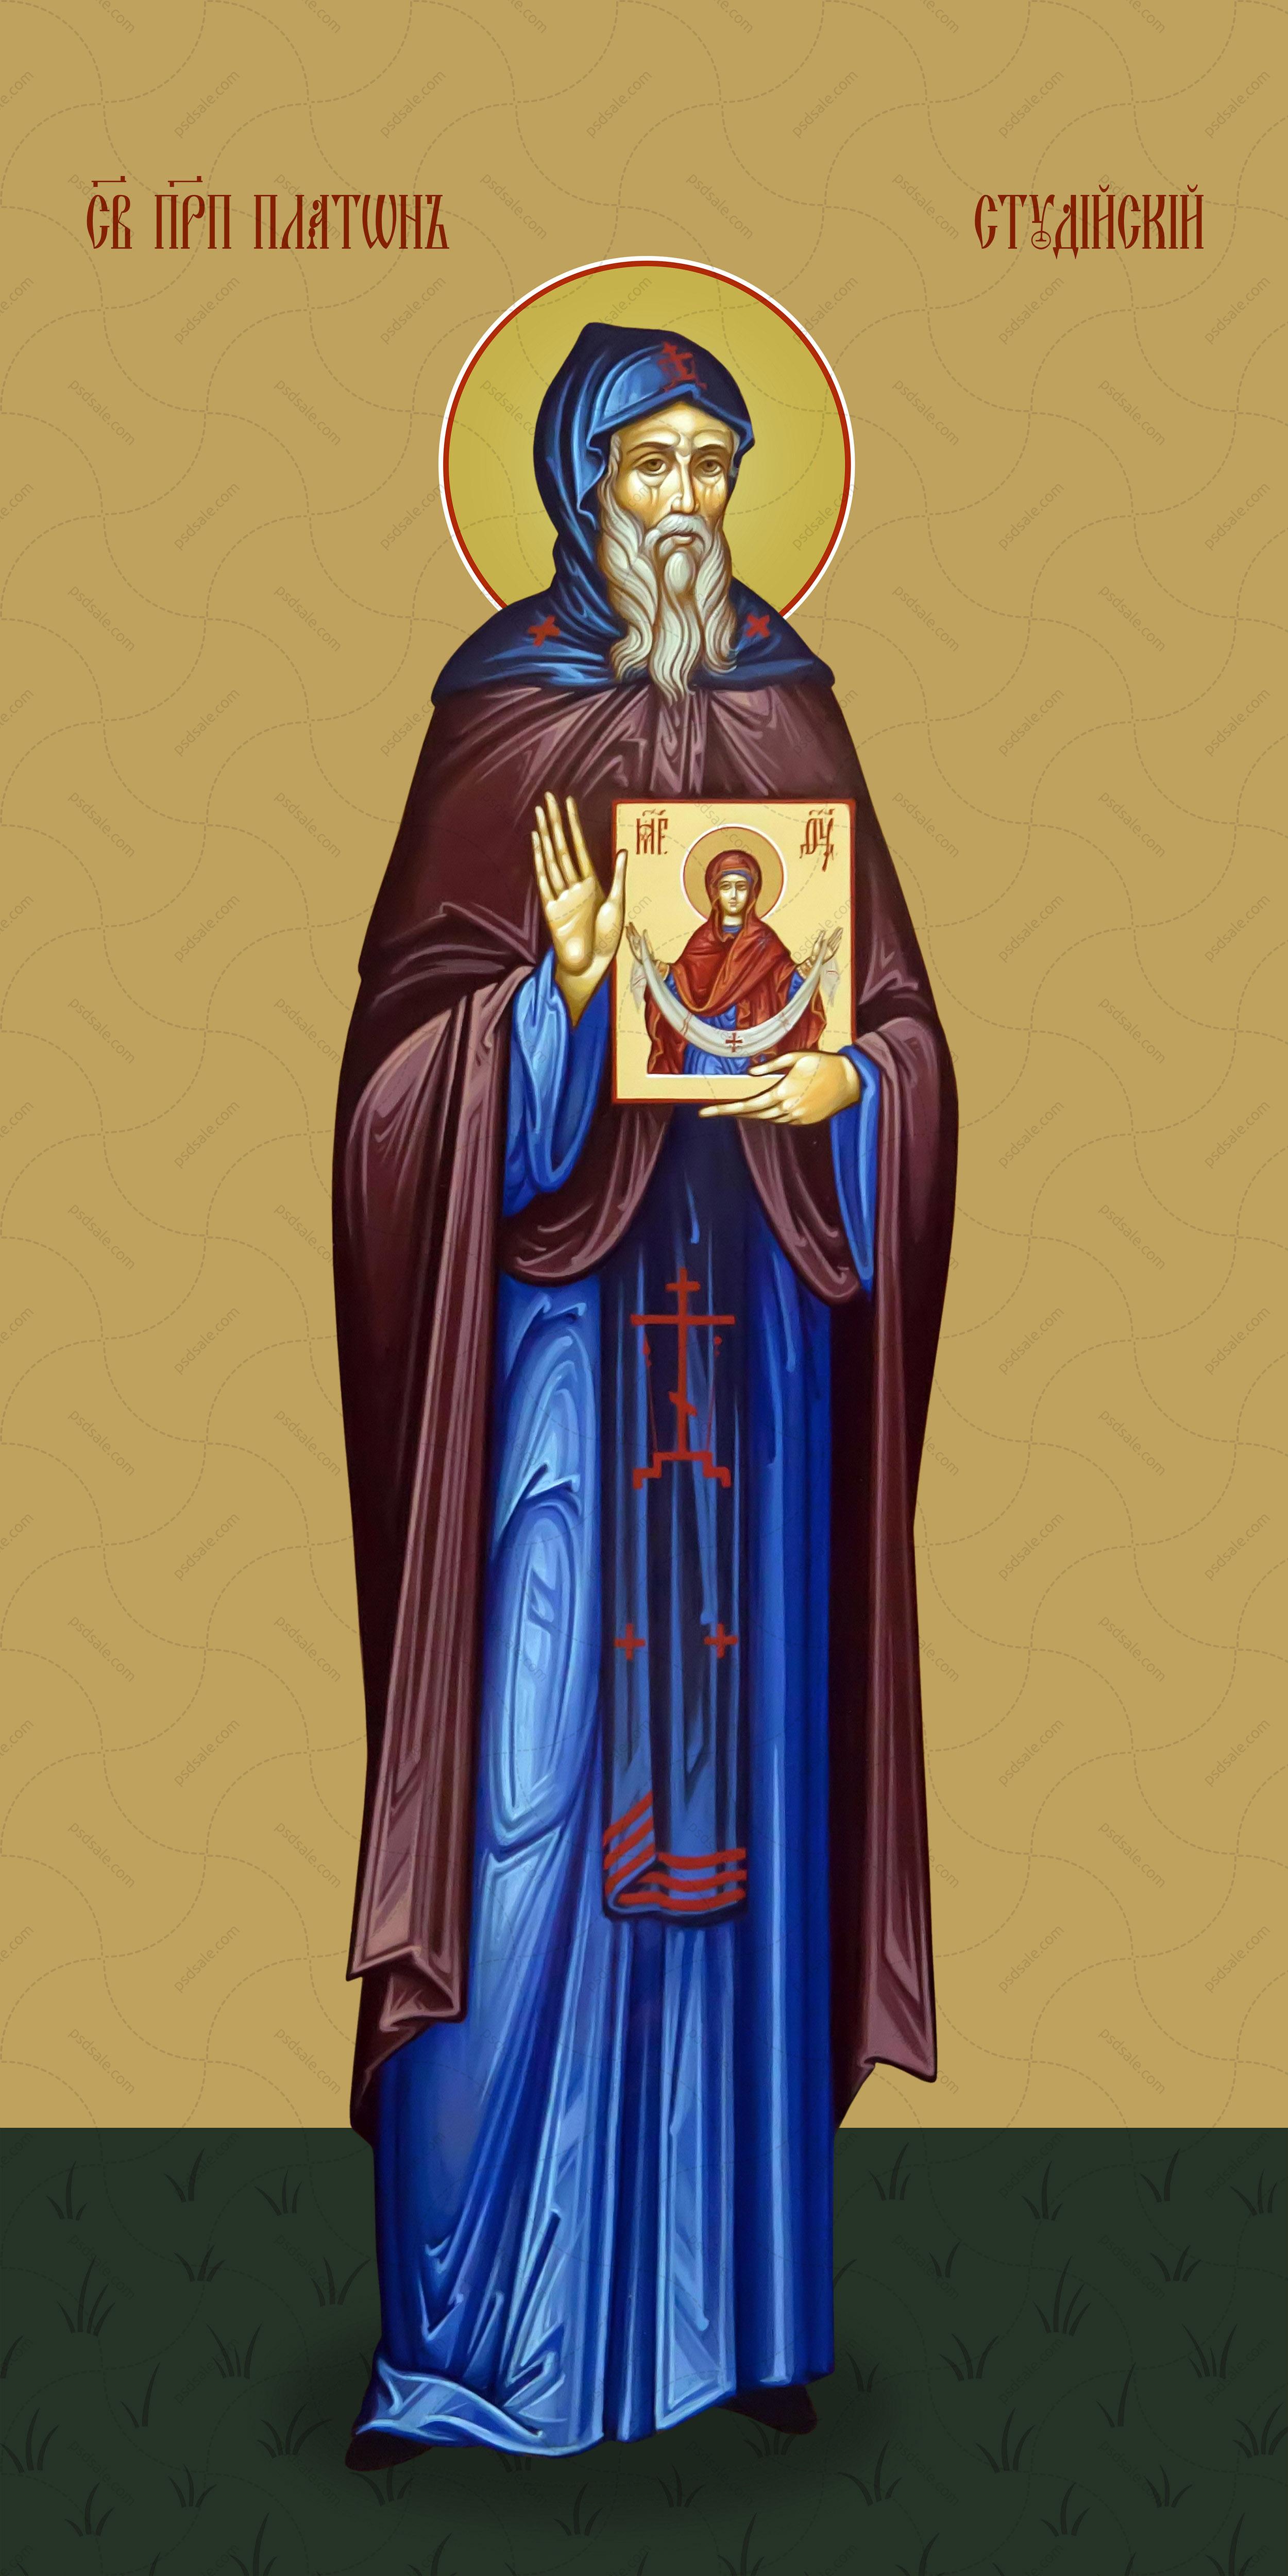 Мерная икона, Платон Студийский, святой преподобный